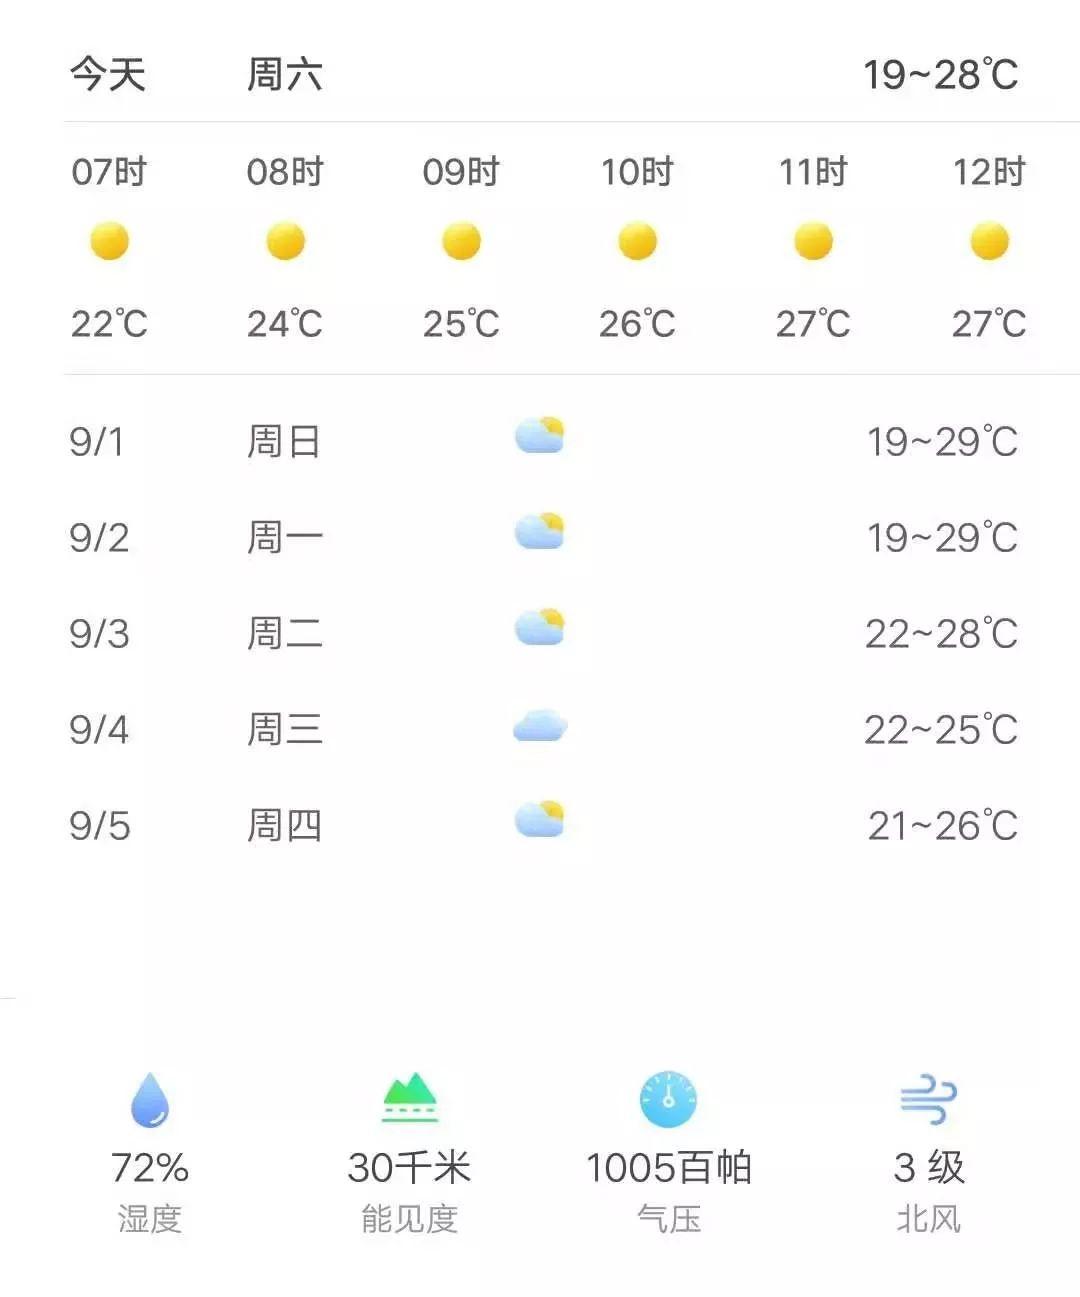 2019年8月31日烟台综合广播《新闻早报》